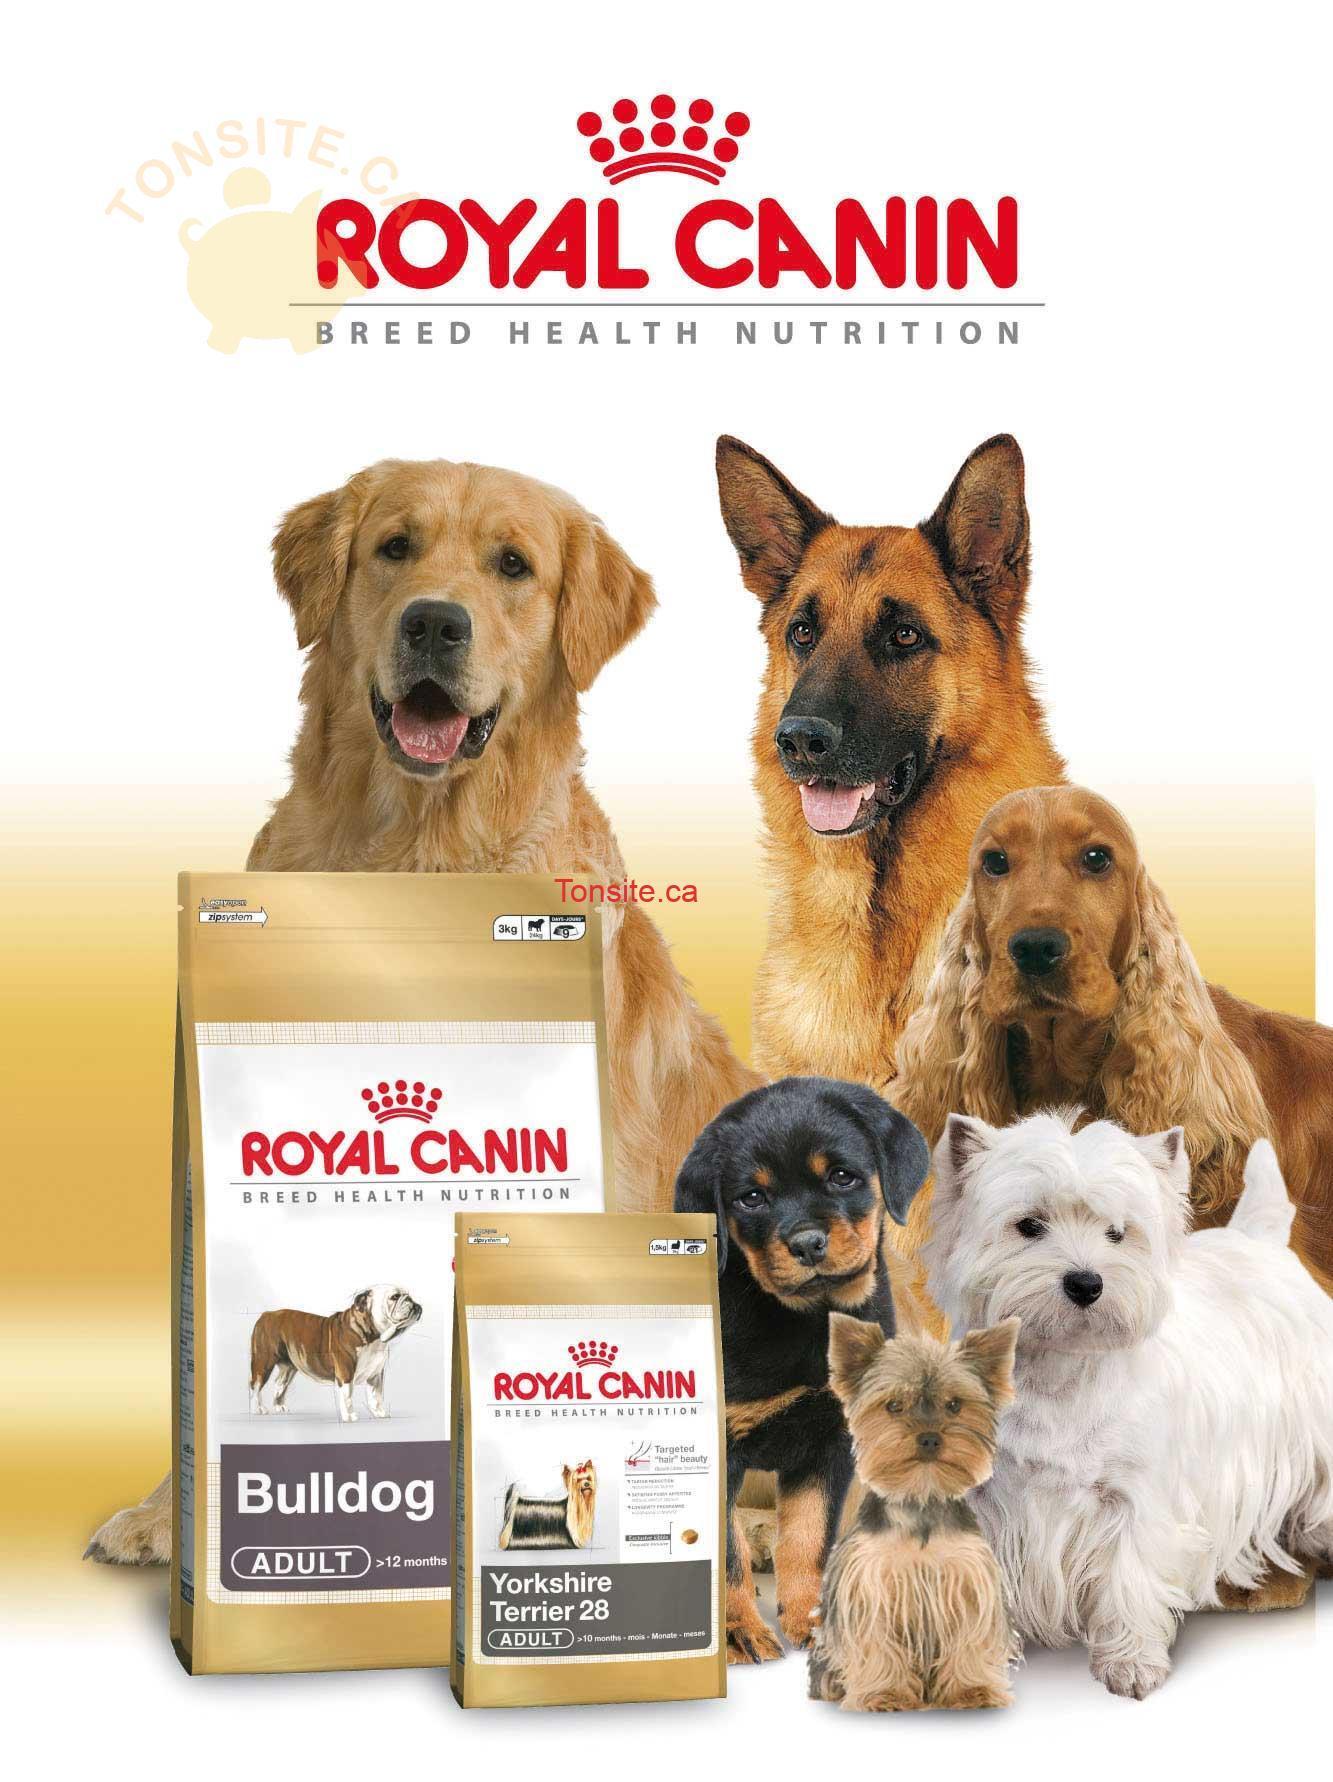 royal canin - GRATUIT: Obtenez un échantillon de nourriture pour chiens Royal Canin gratuit et un bon rabais de 5$